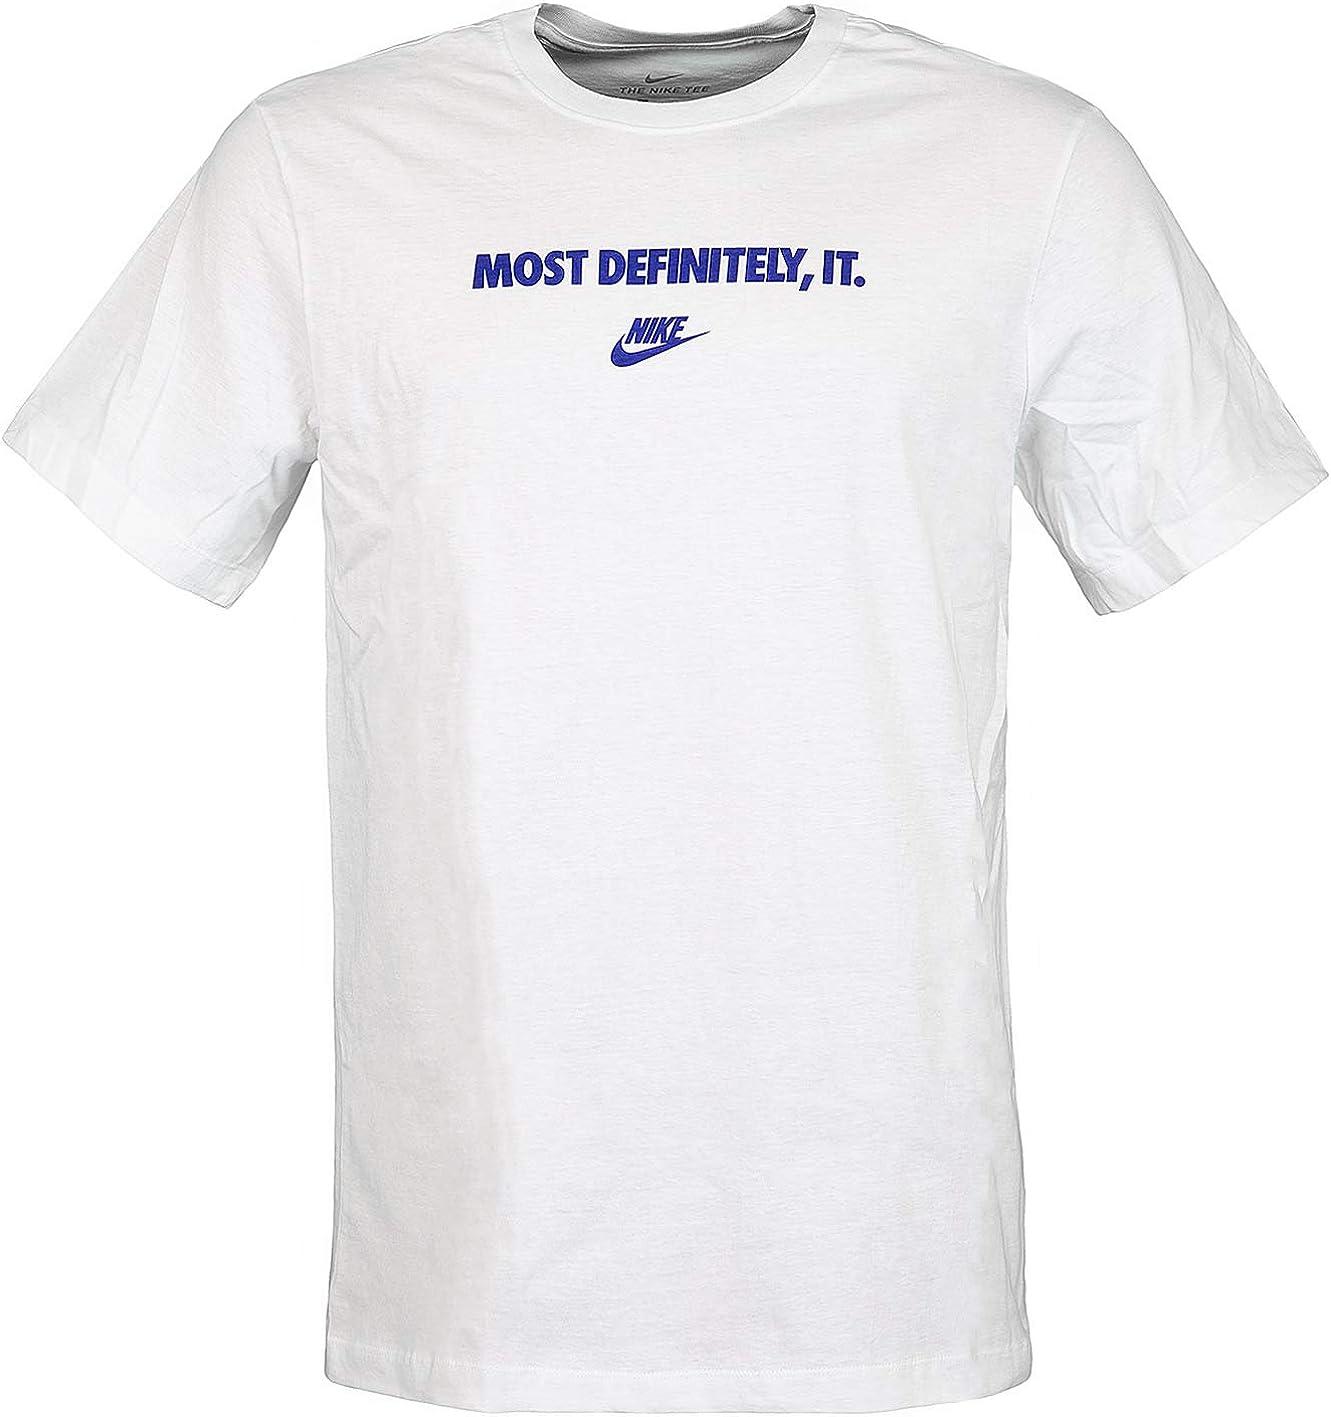 Nike SNKR Sneaker CLTR 8 - Camiseta blanco XL: Amazon.es: Ropa y accesorios